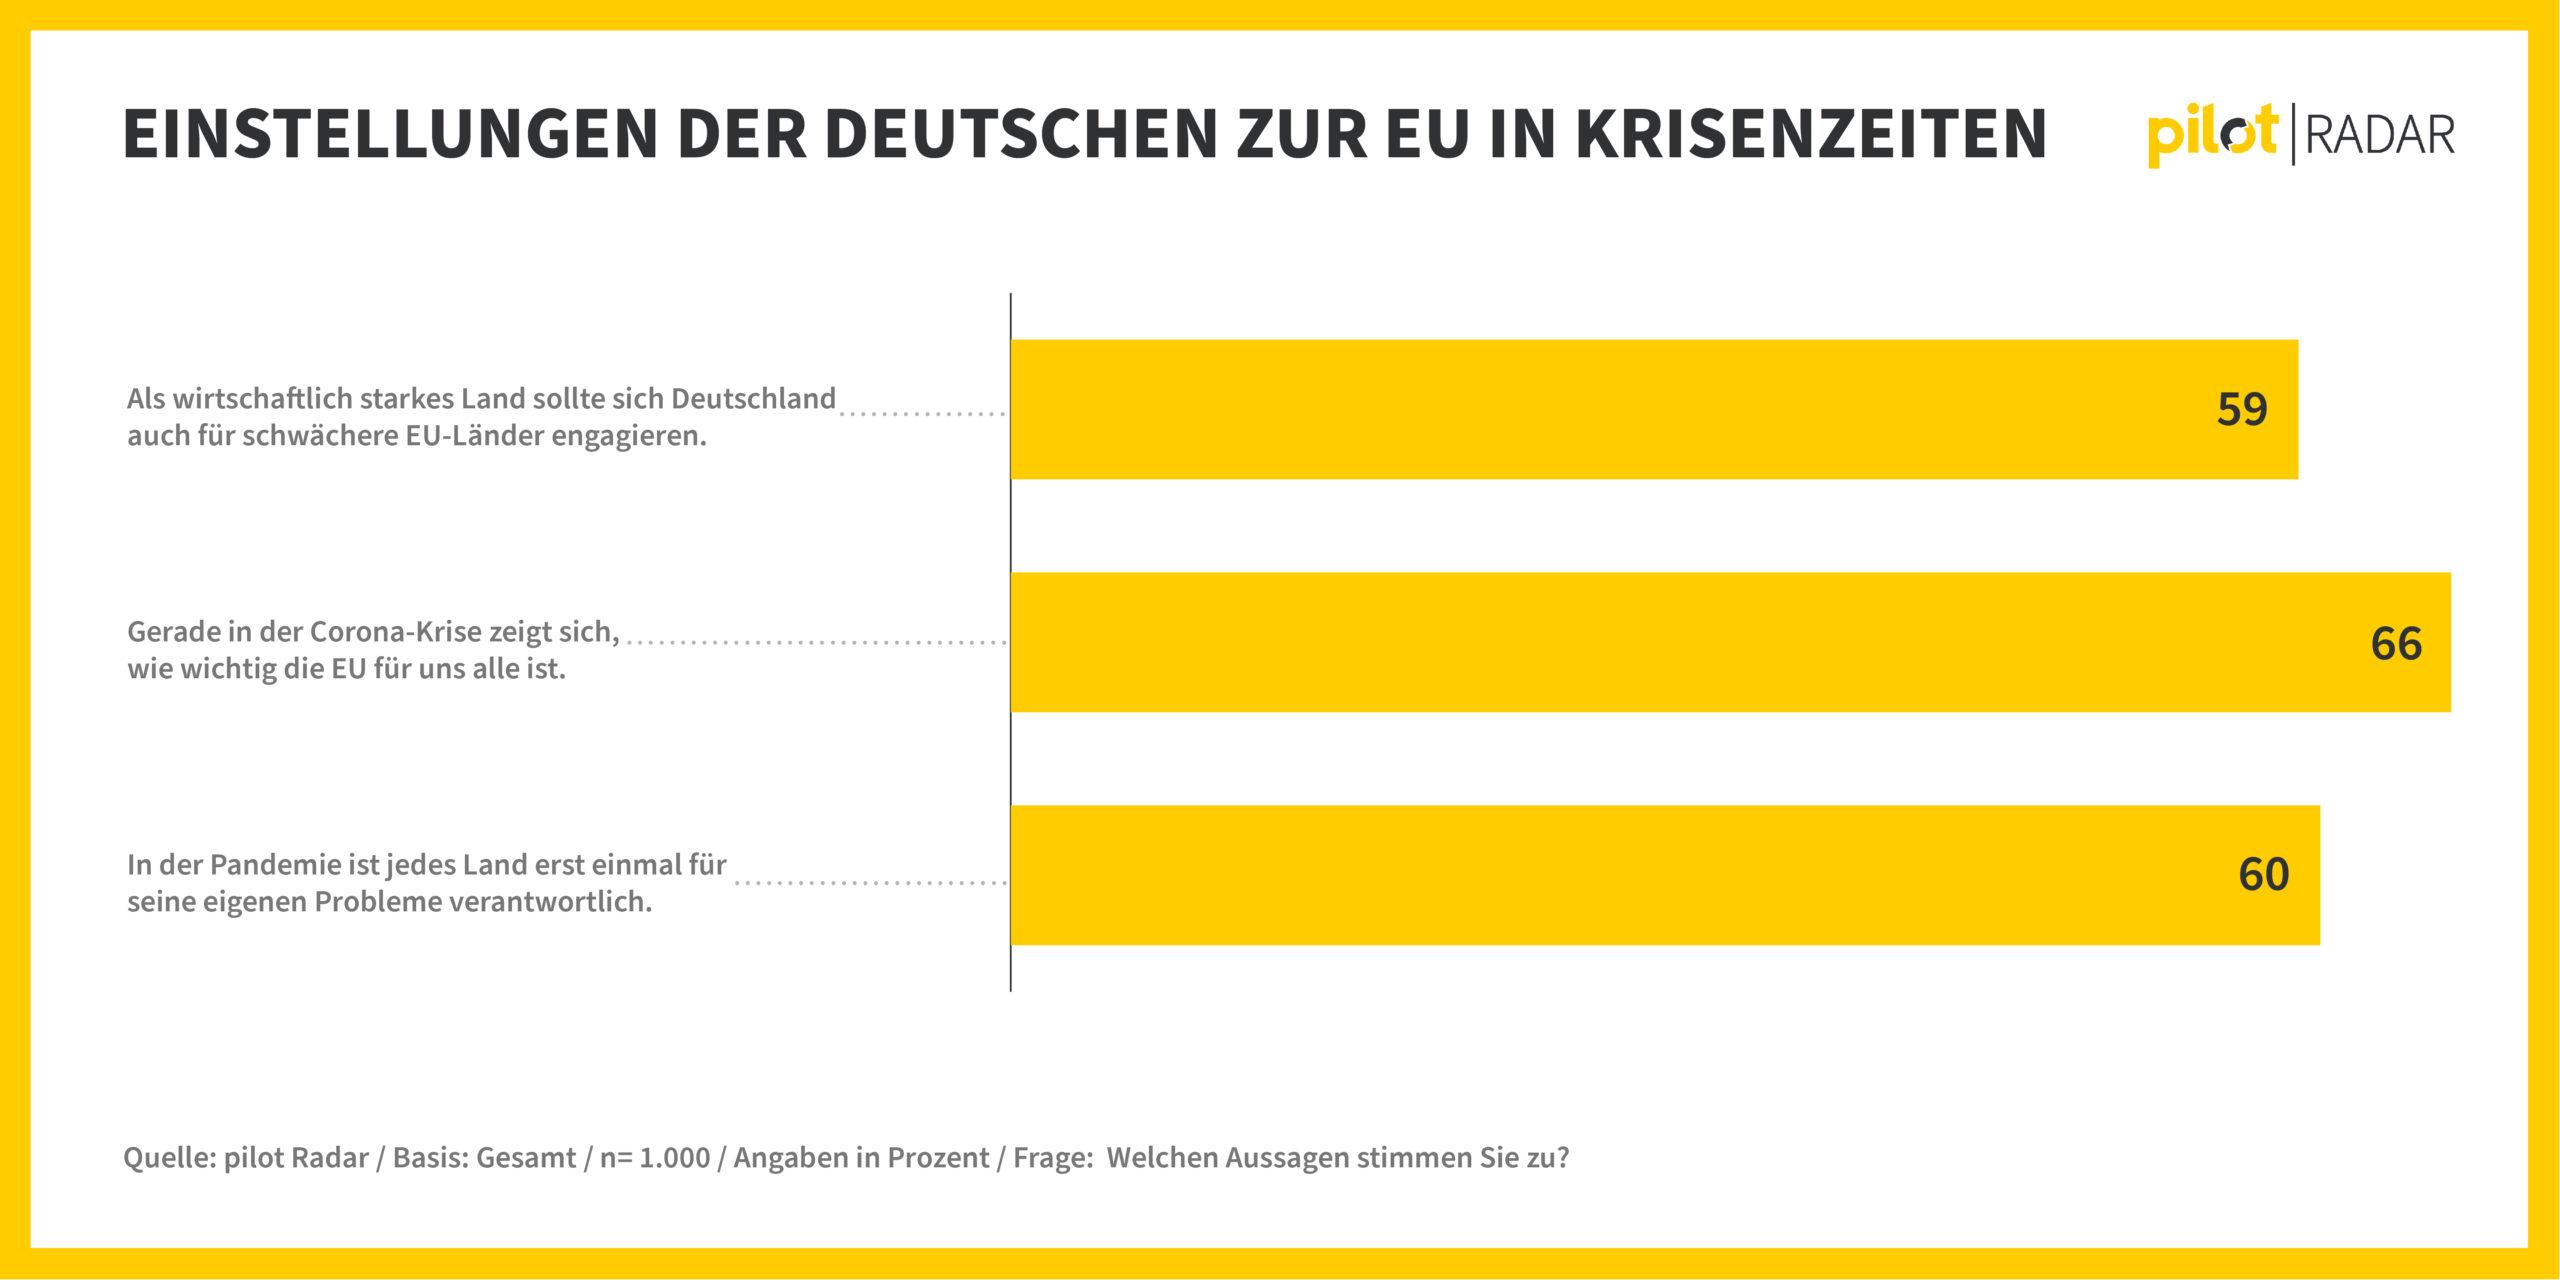 Einstellung zur EU Krise